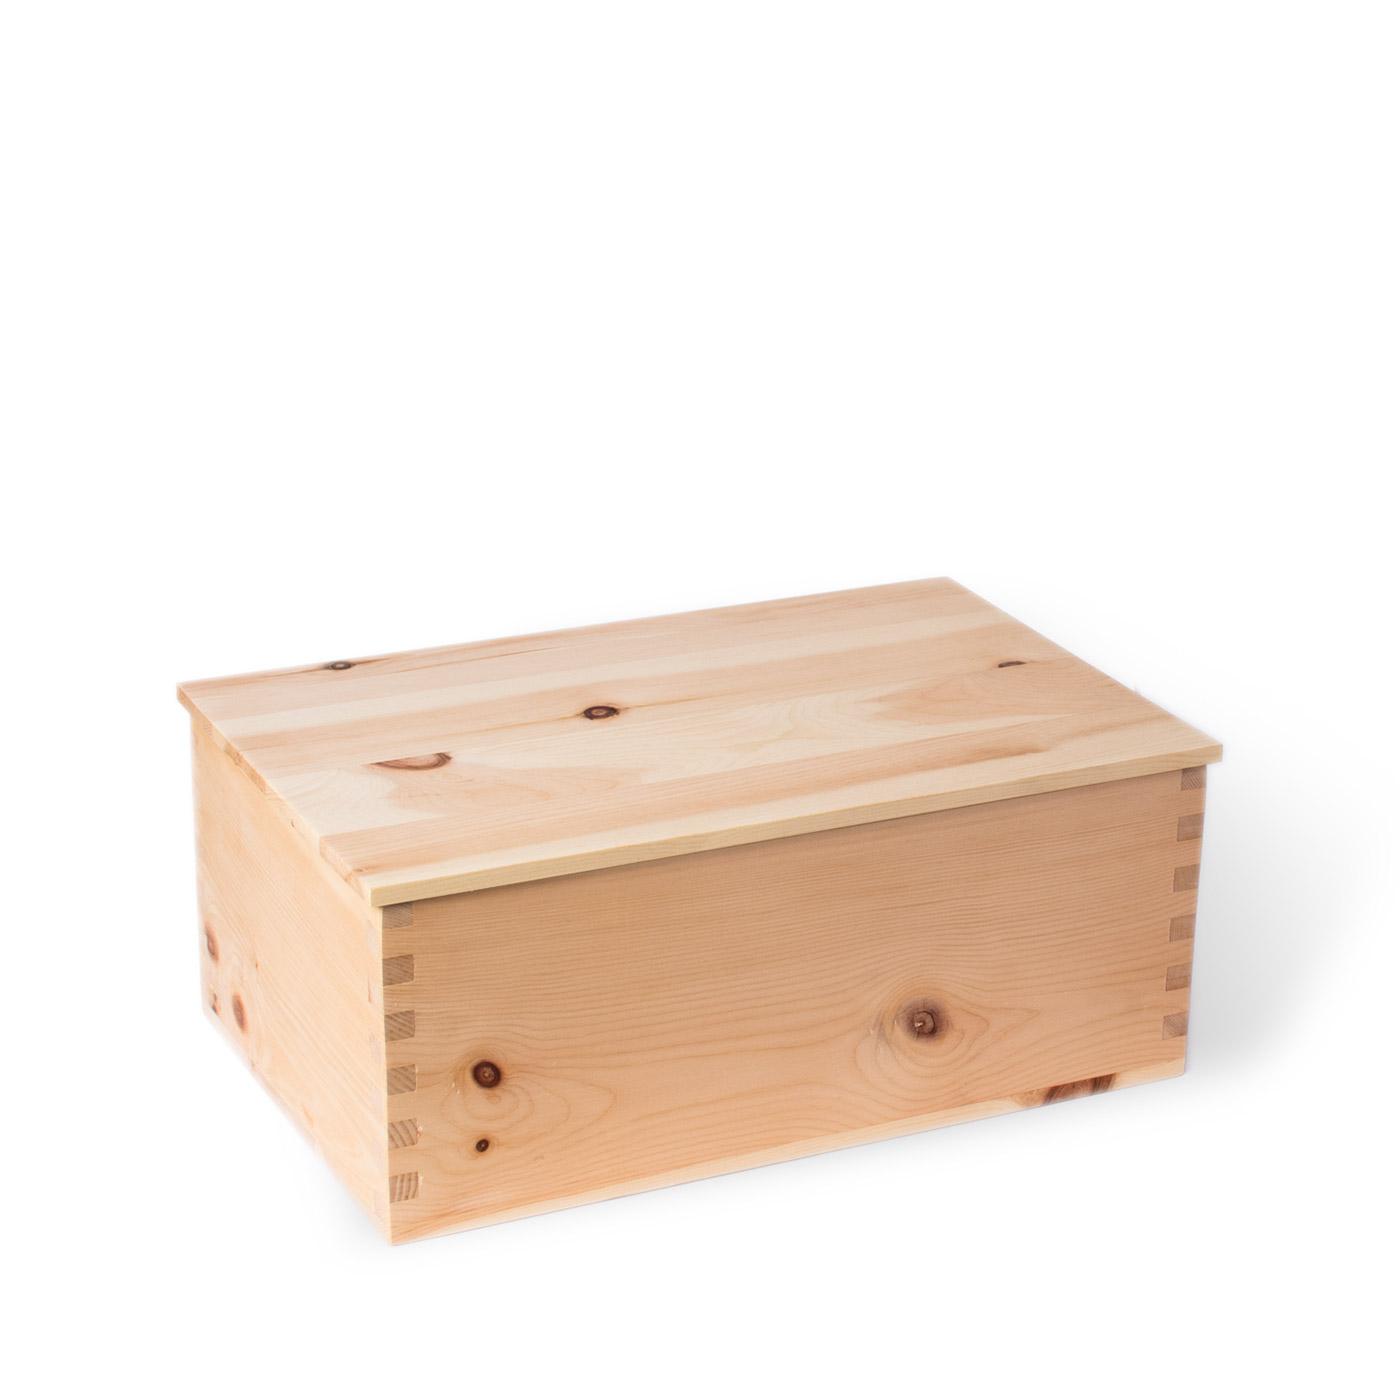 das zirben anderl brotkisterl aus zirbenholz jetzt kaufen bei. Black Bedroom Furniture Sets. Home Design Ideas